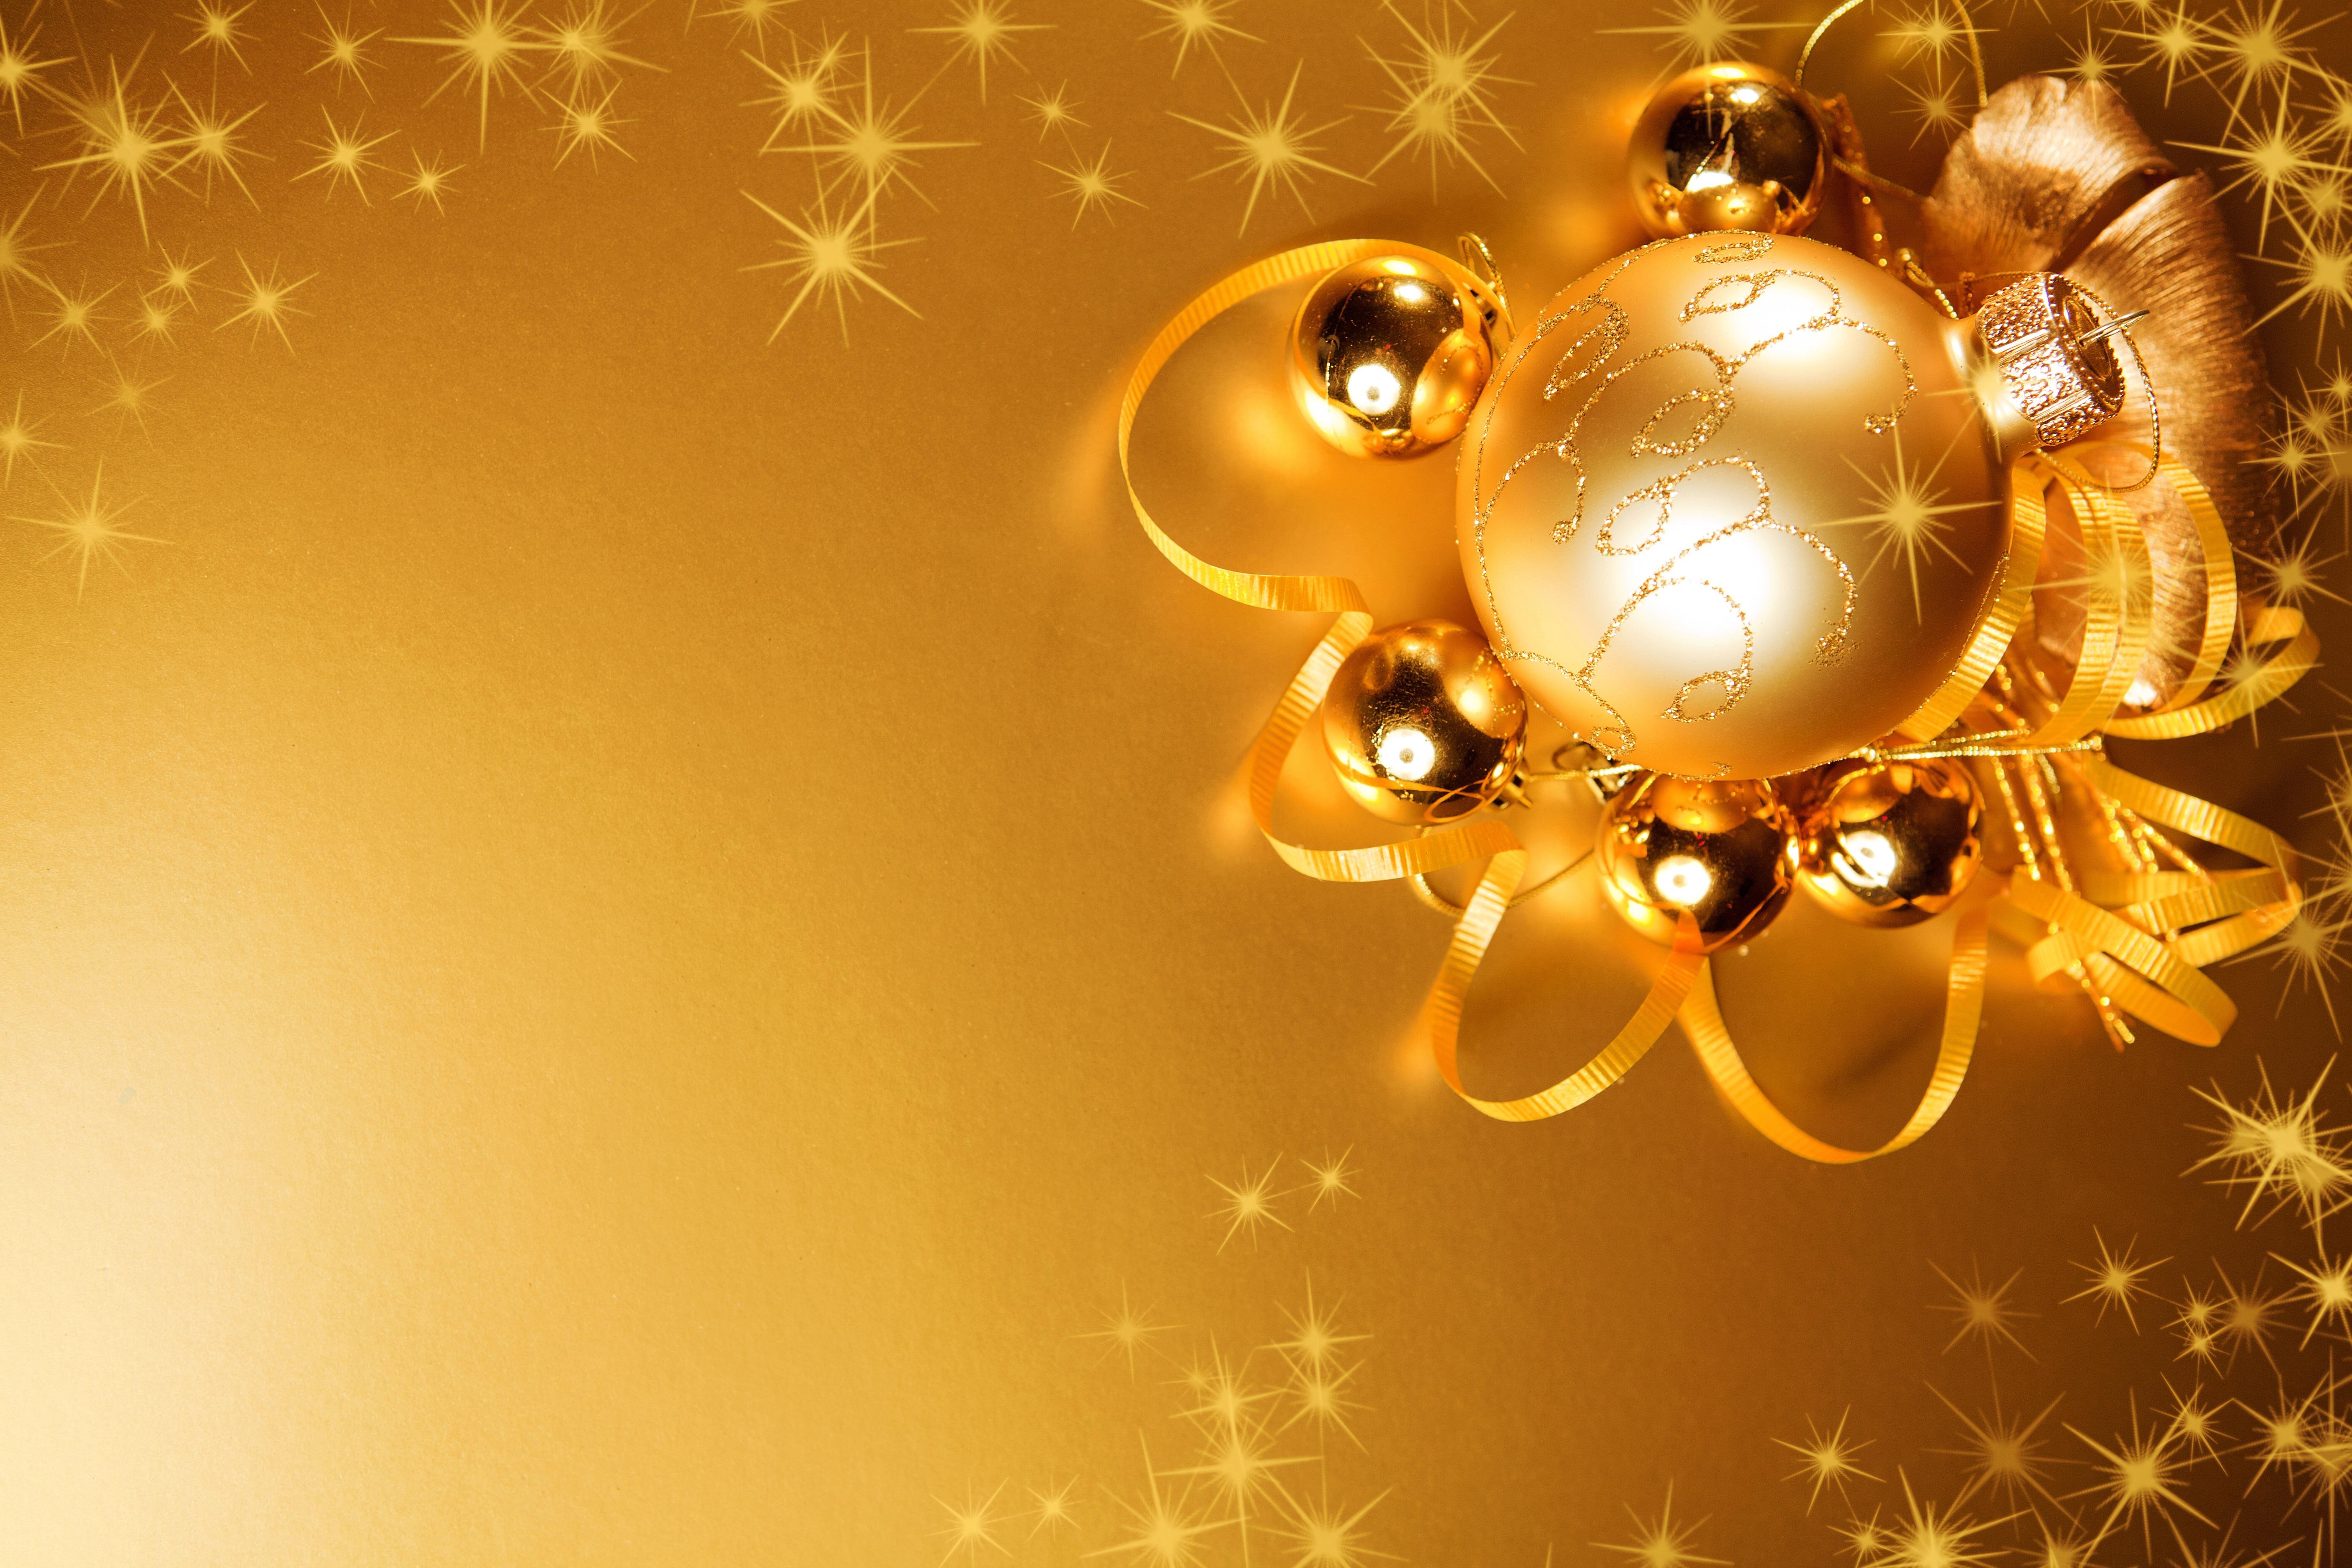 шары золотые загрузить